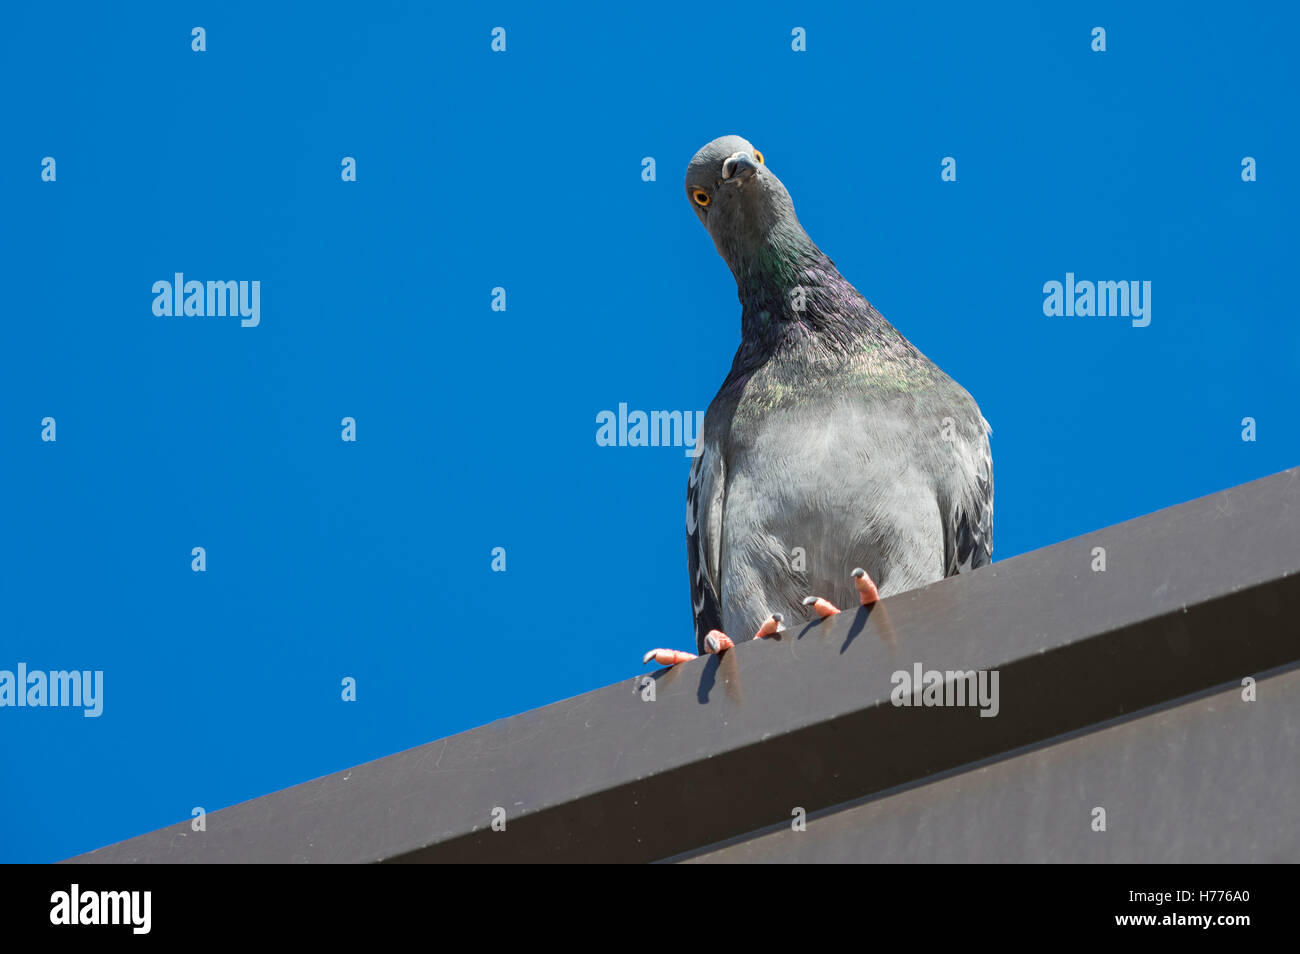 Il piccione di strada (Columba livia domestica) guardando verso il basso con testa inclinata, percepita come un Immagini Stock